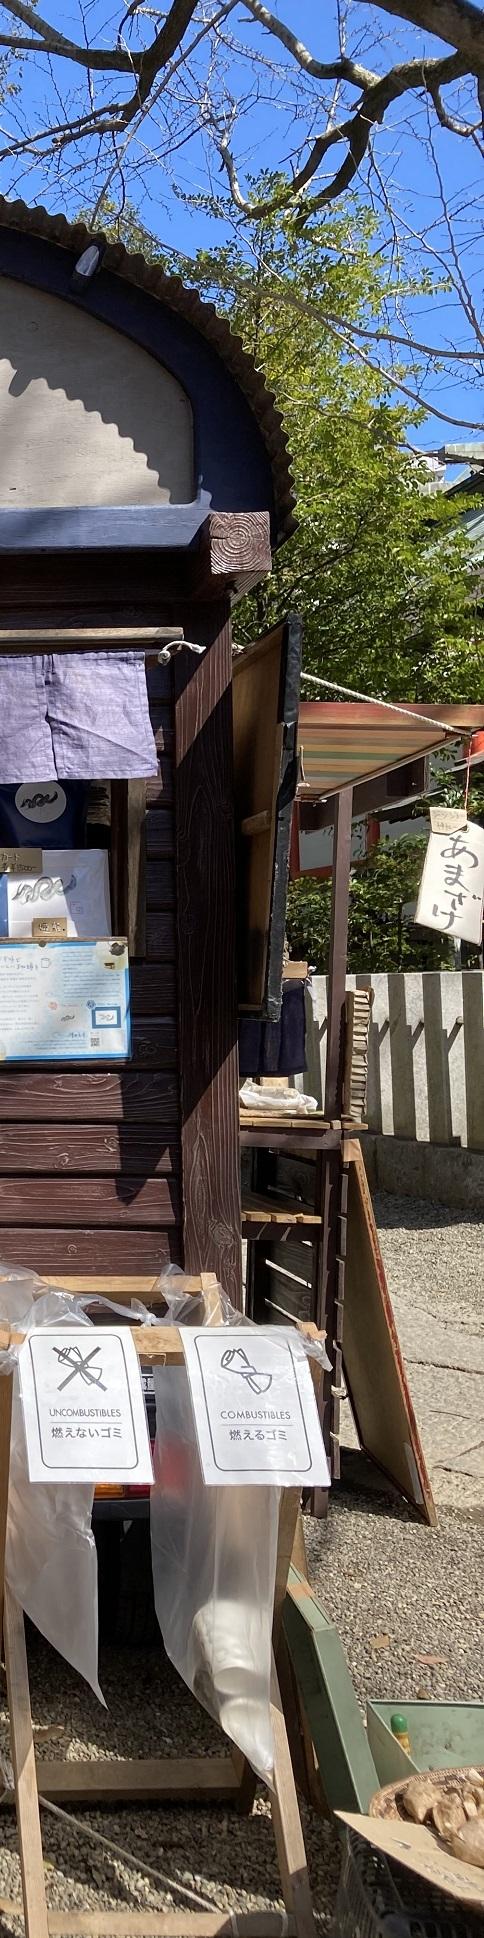 210314 jinja-naokichi-25